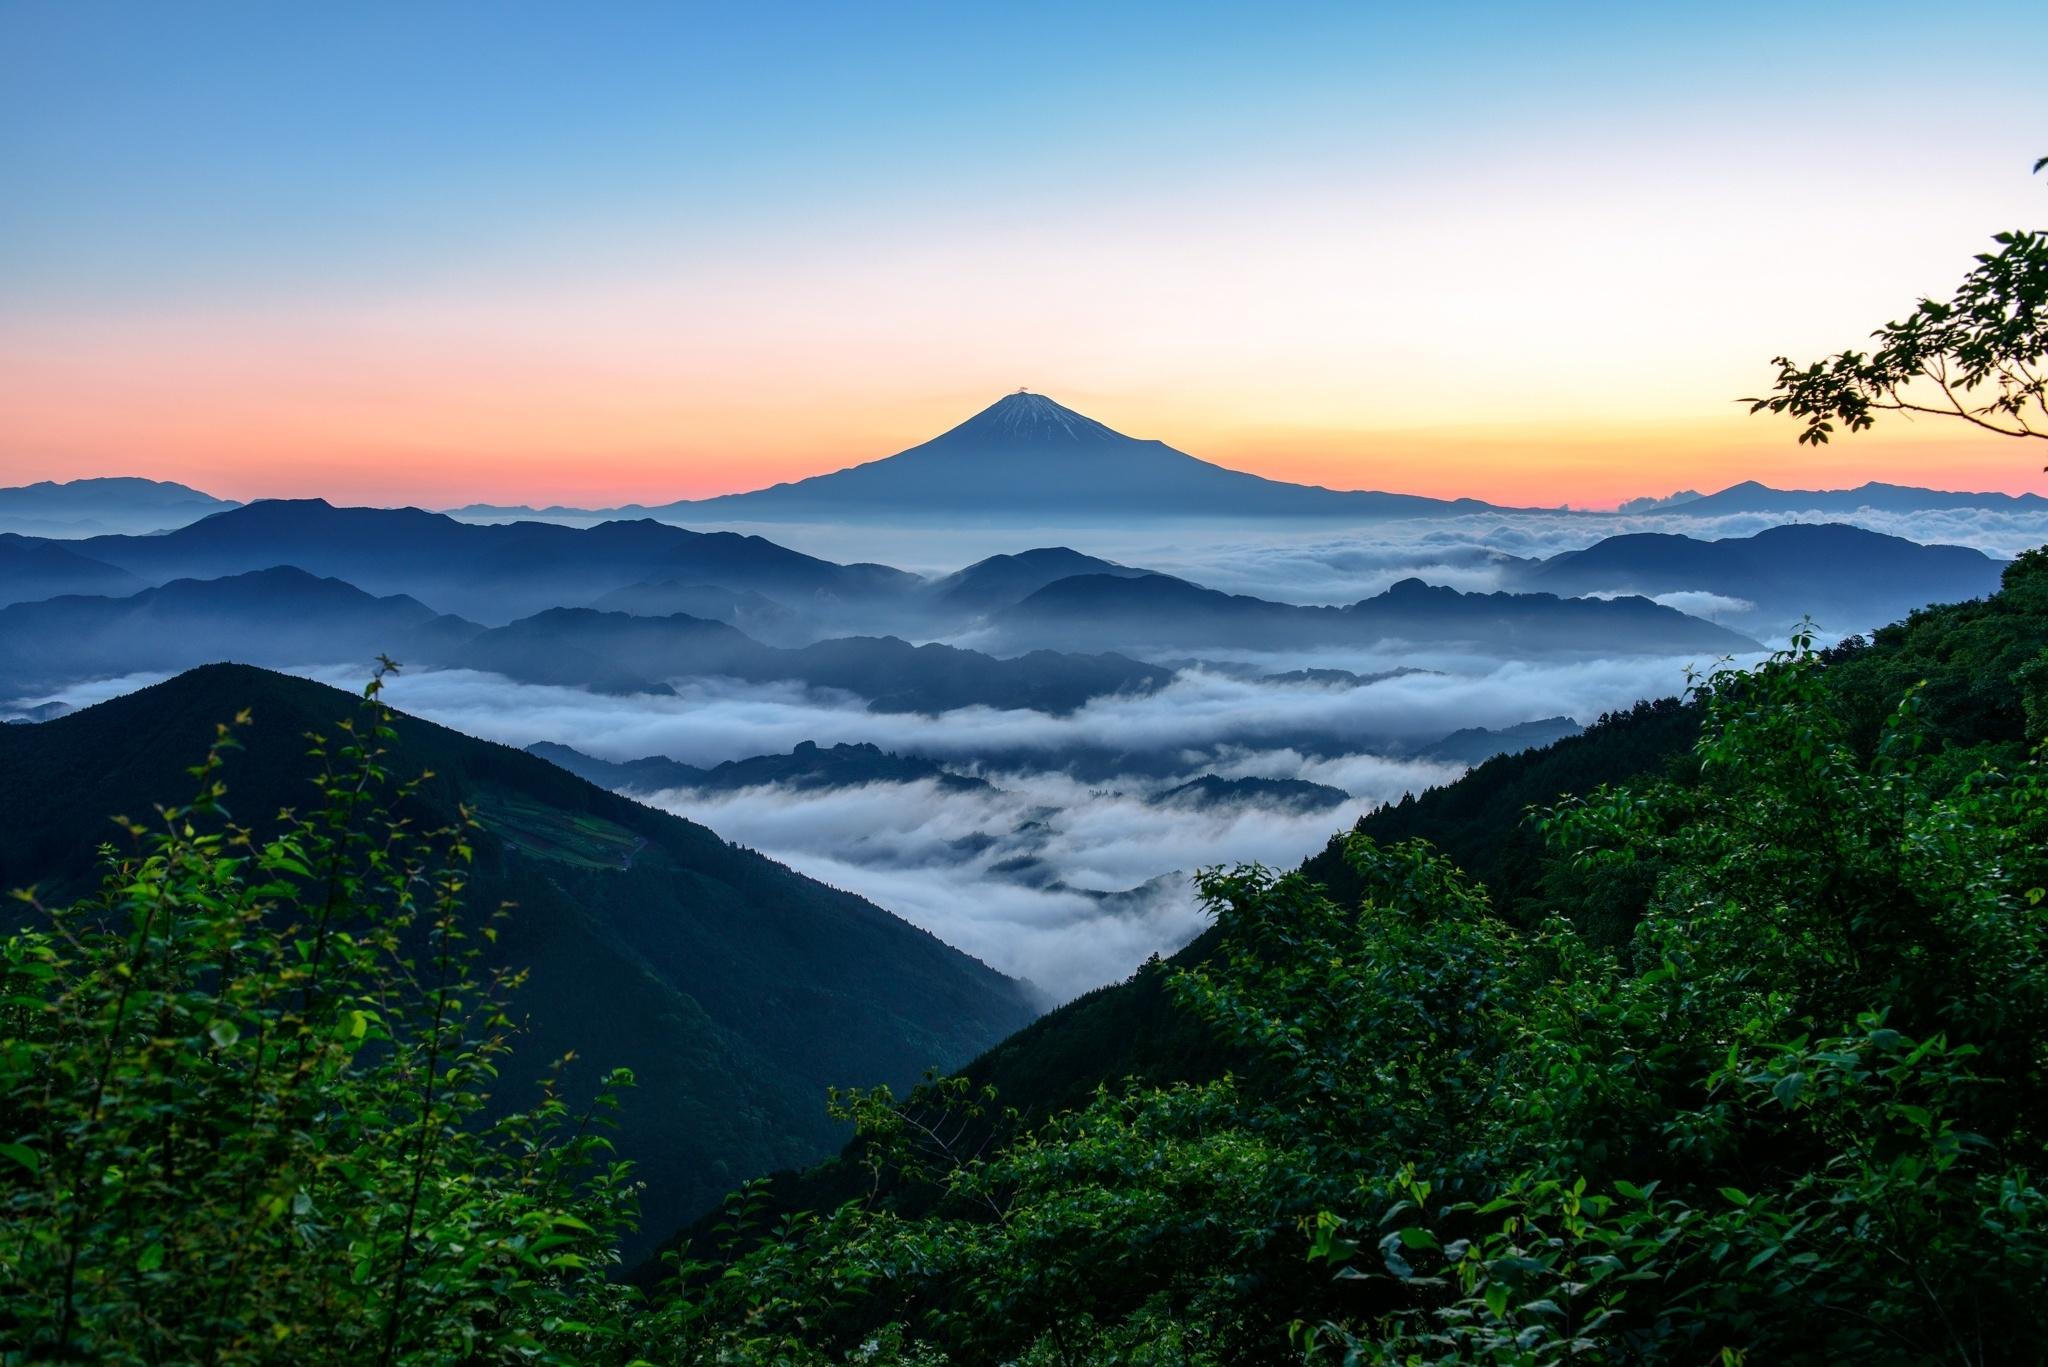 вулкан горы облака туман  № 755043 бесплатно